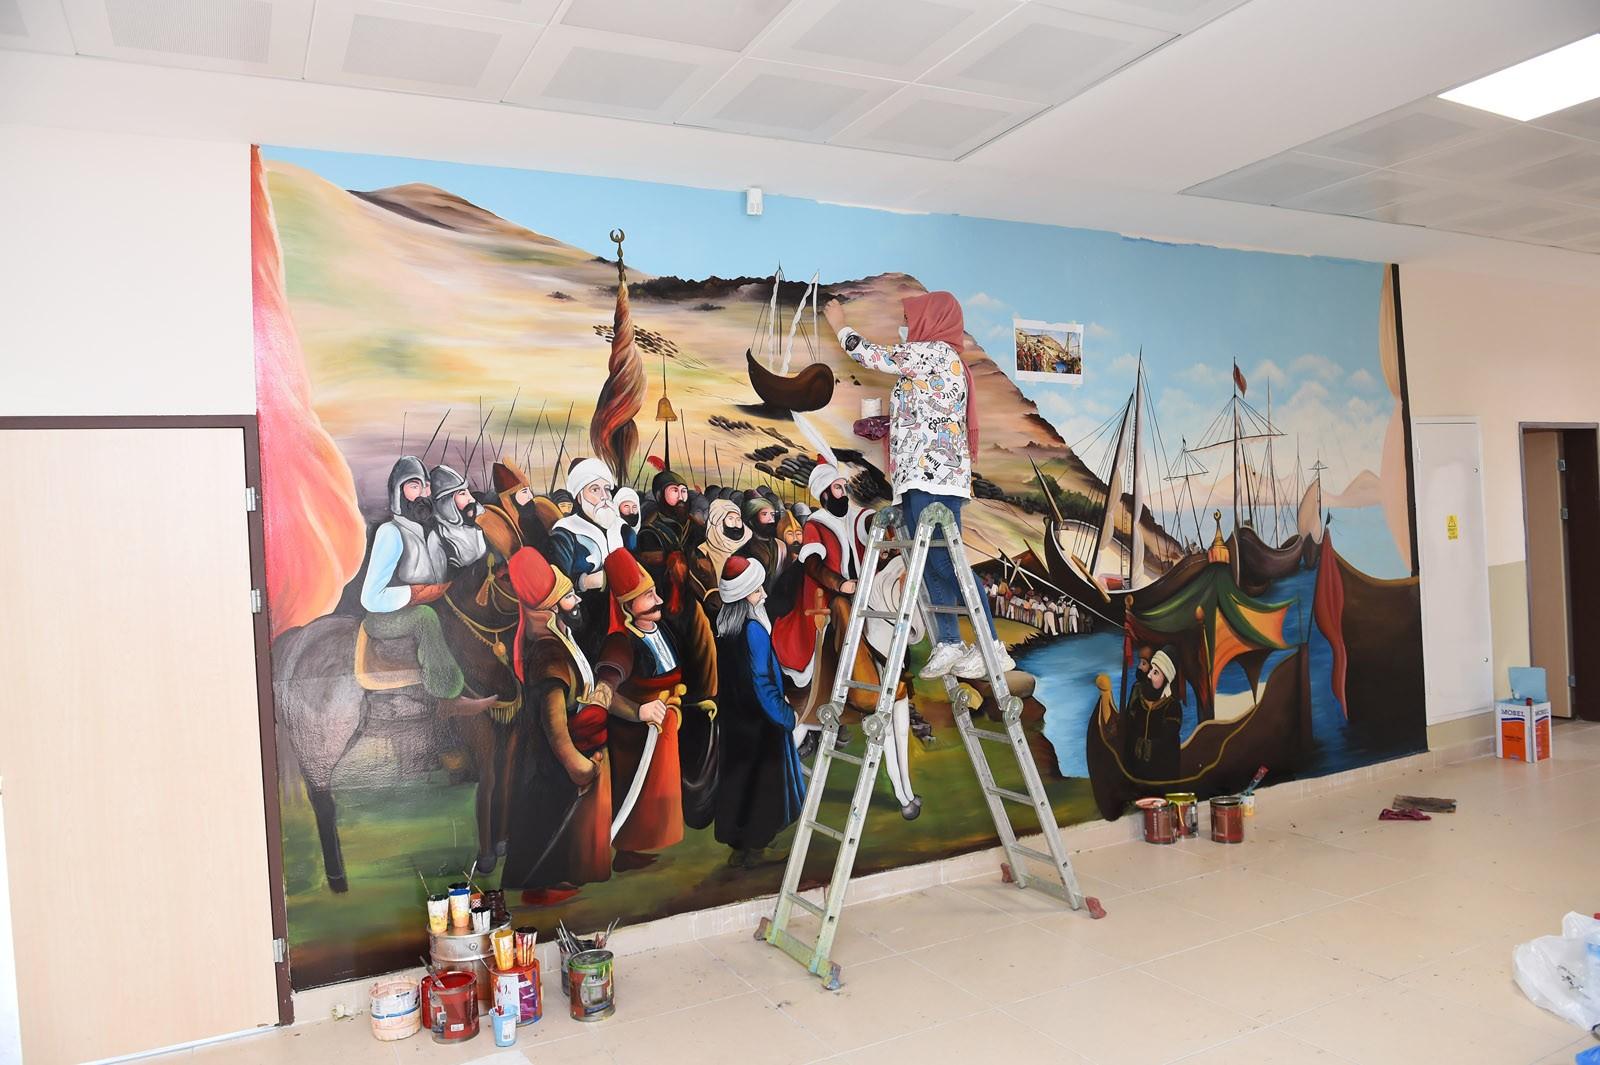 Okul duvarları tabloya dönüşüyor